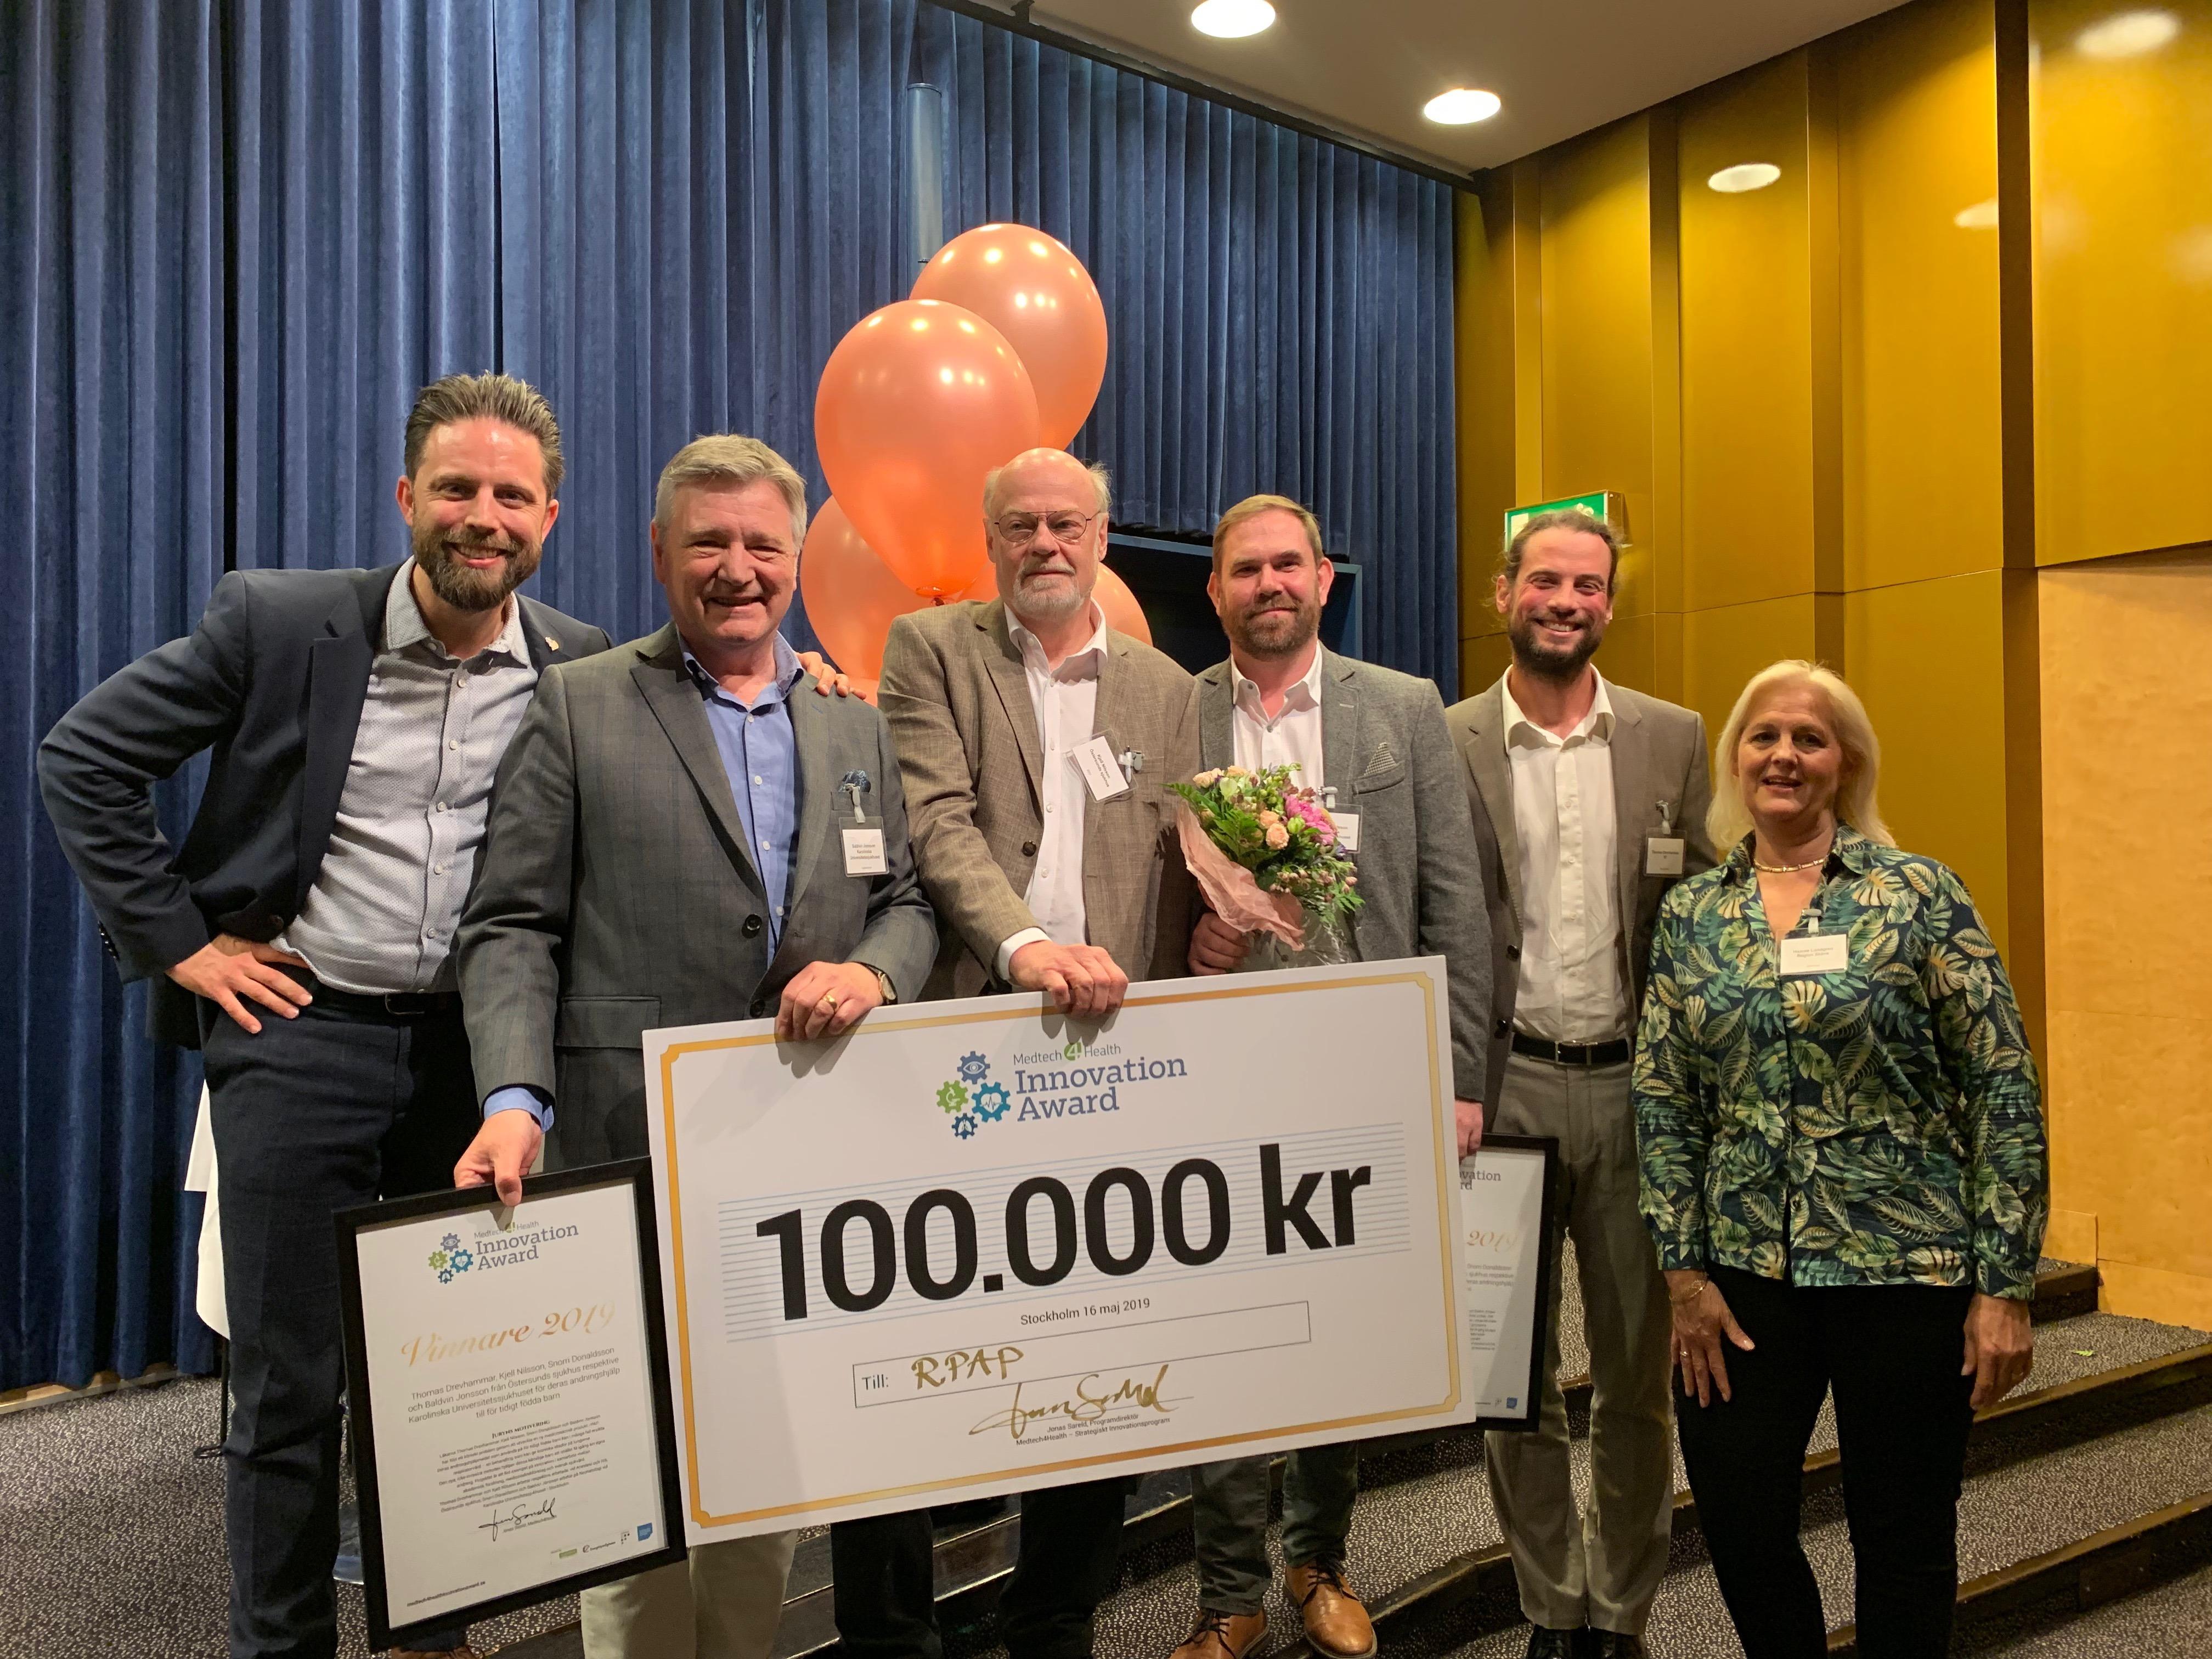 Jonas Sareld (Programdirektör för Medtech4Health), Vinnare av Medtech4Health Innovation Award 2019: Baldvin Jonsson, Kjell Nilsson, Snorri Donaldsson, Thomas Drevhammar och Hannie Lundgren (vice ordförande Medtech4Health samt jurymedlem och prisutdelare)